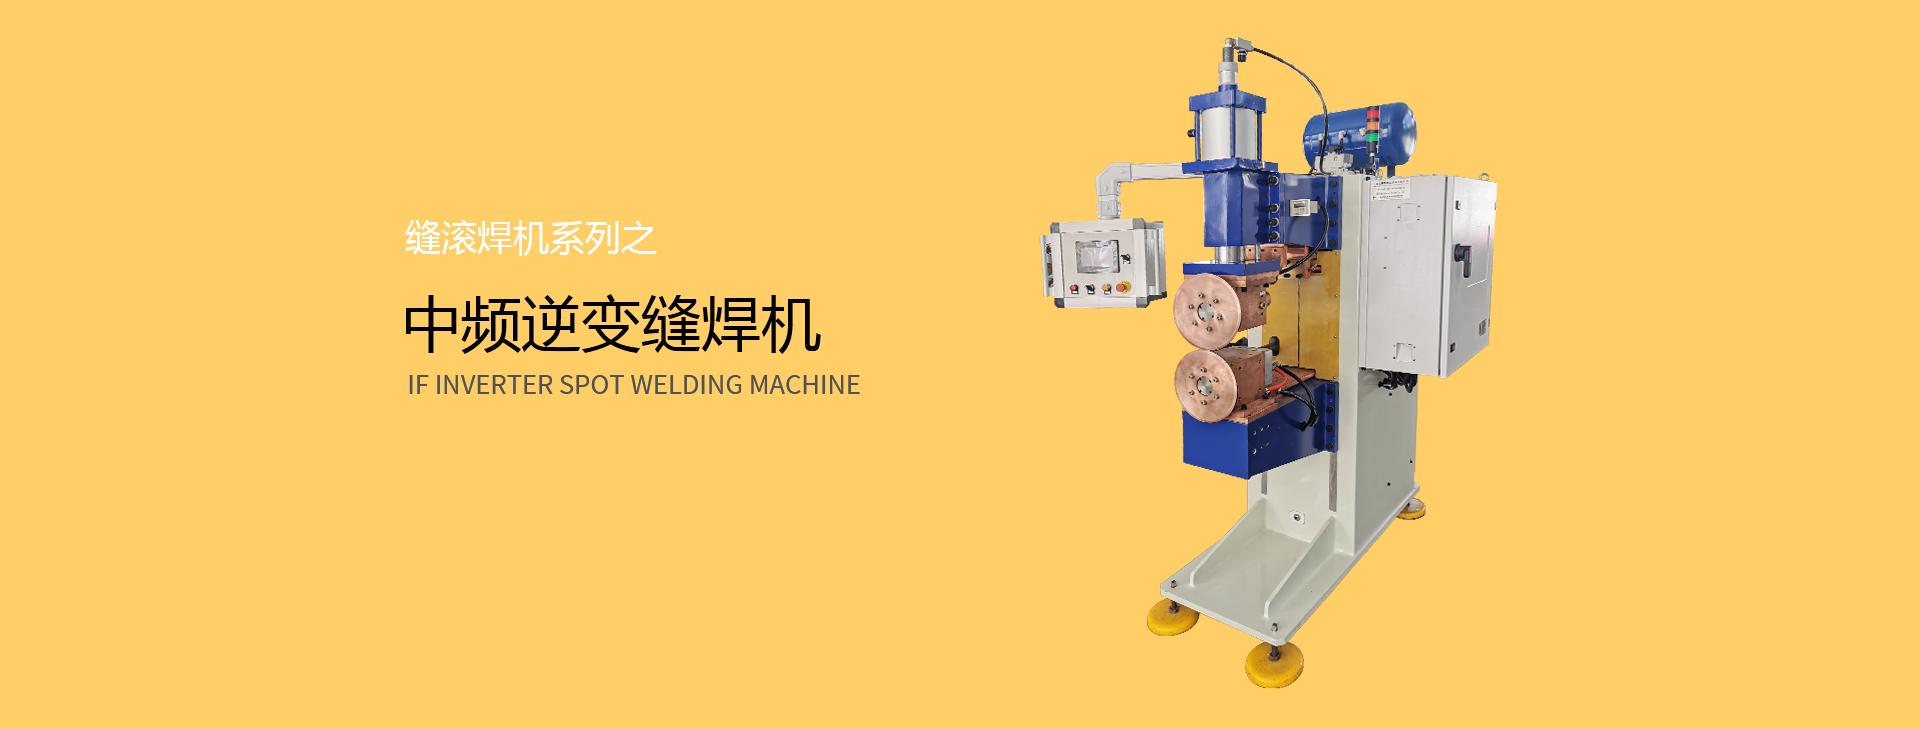 缝焊机滚焊机